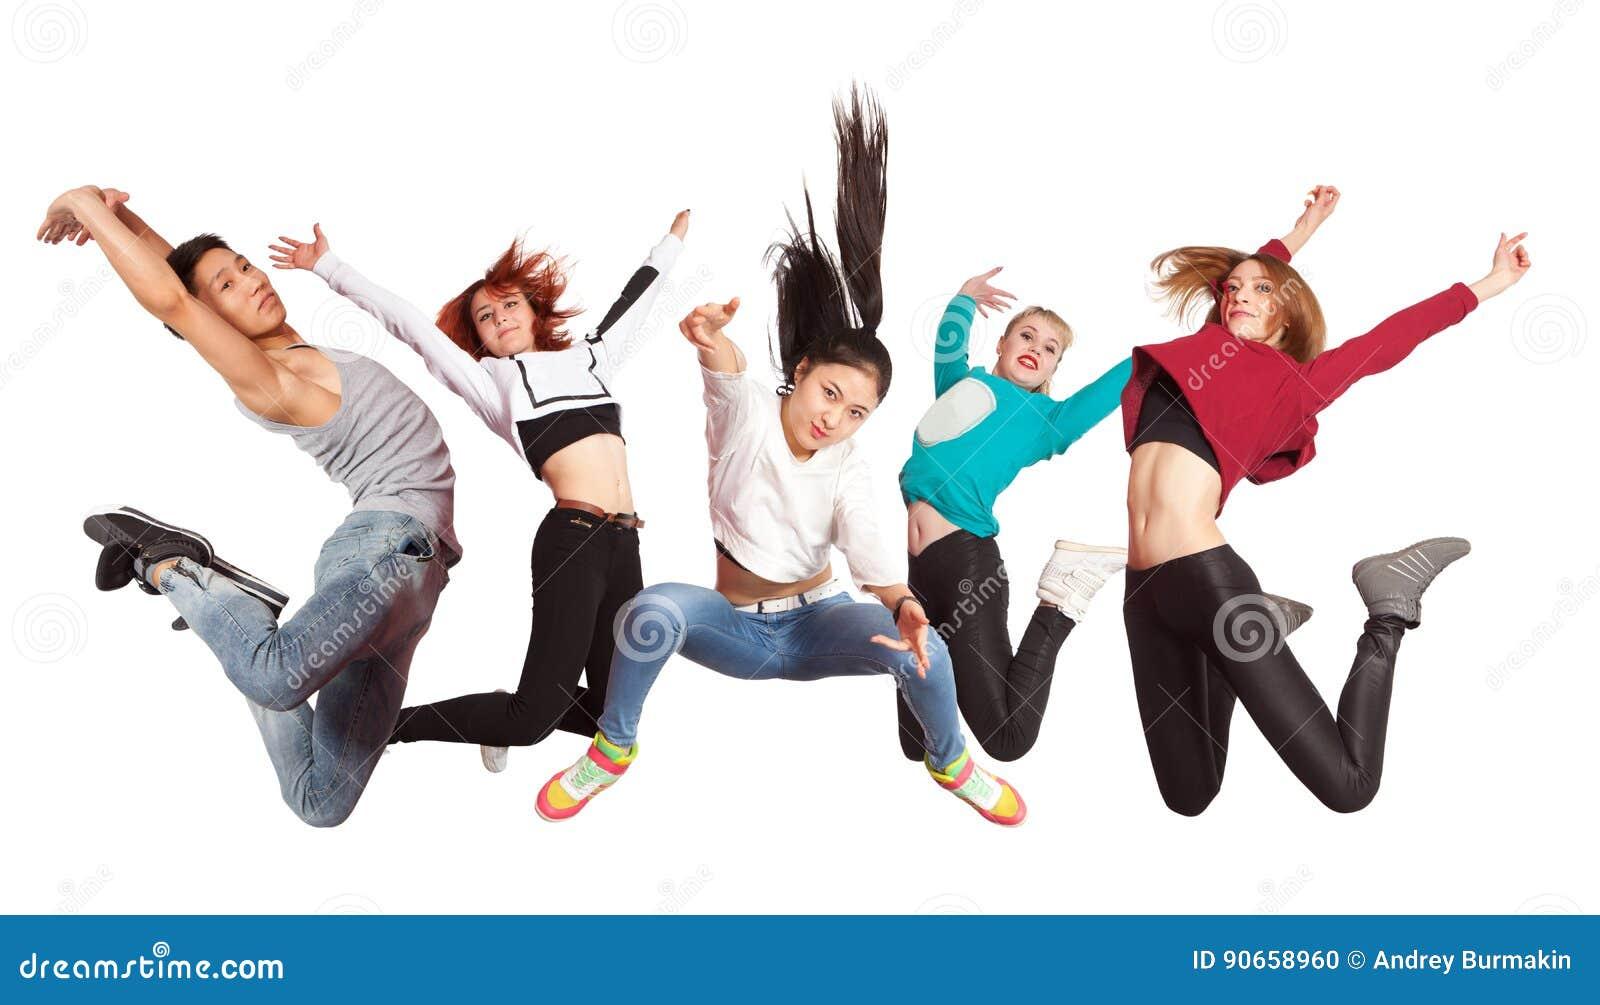 Baile de baile moderno joven de la práctica del grupo